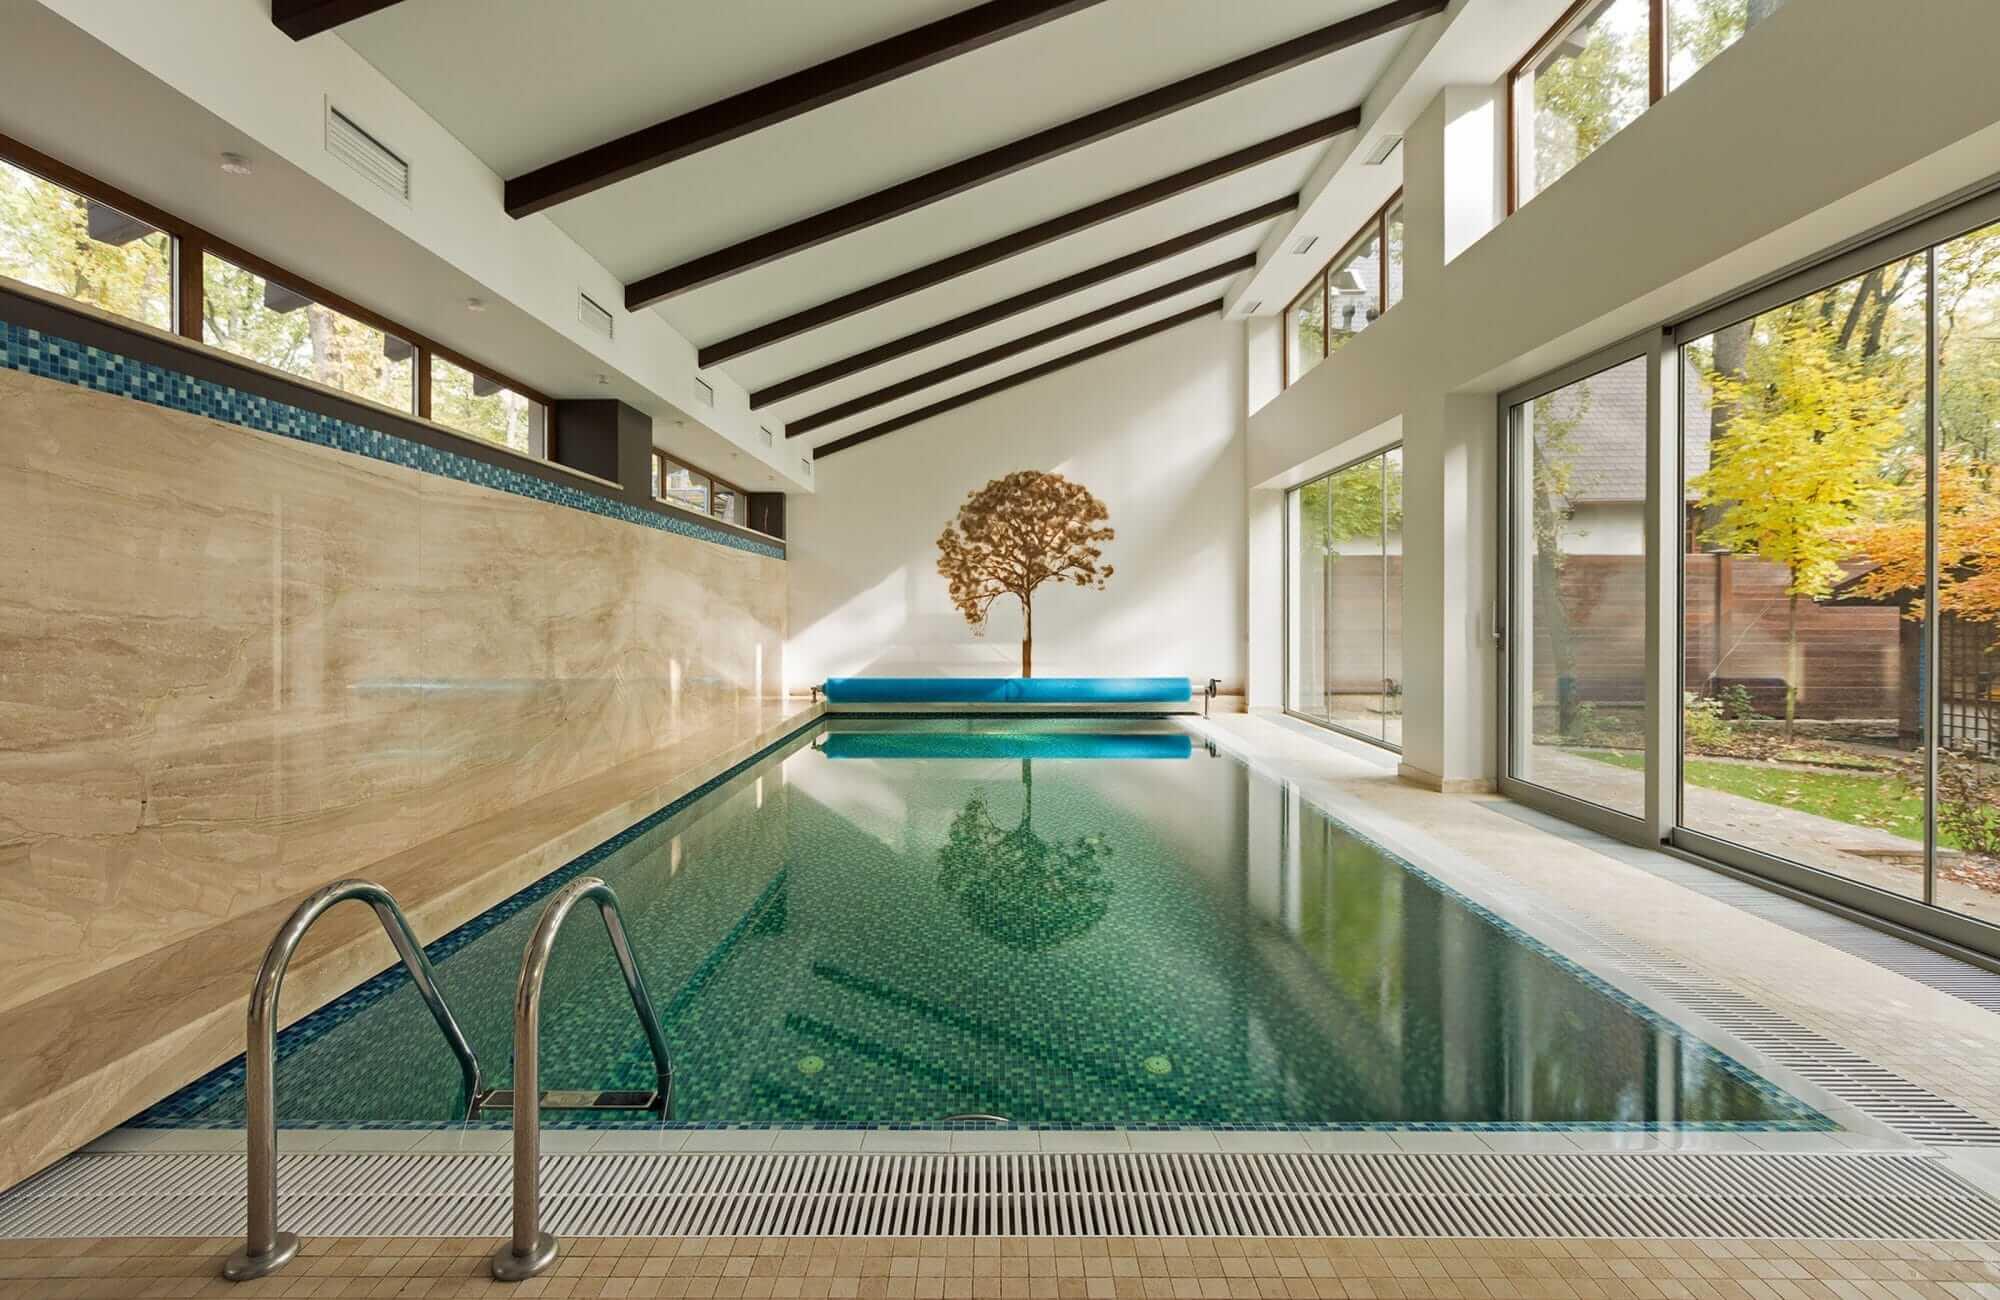 ответ тут дом с бассейном внутри проект фото всего они будут